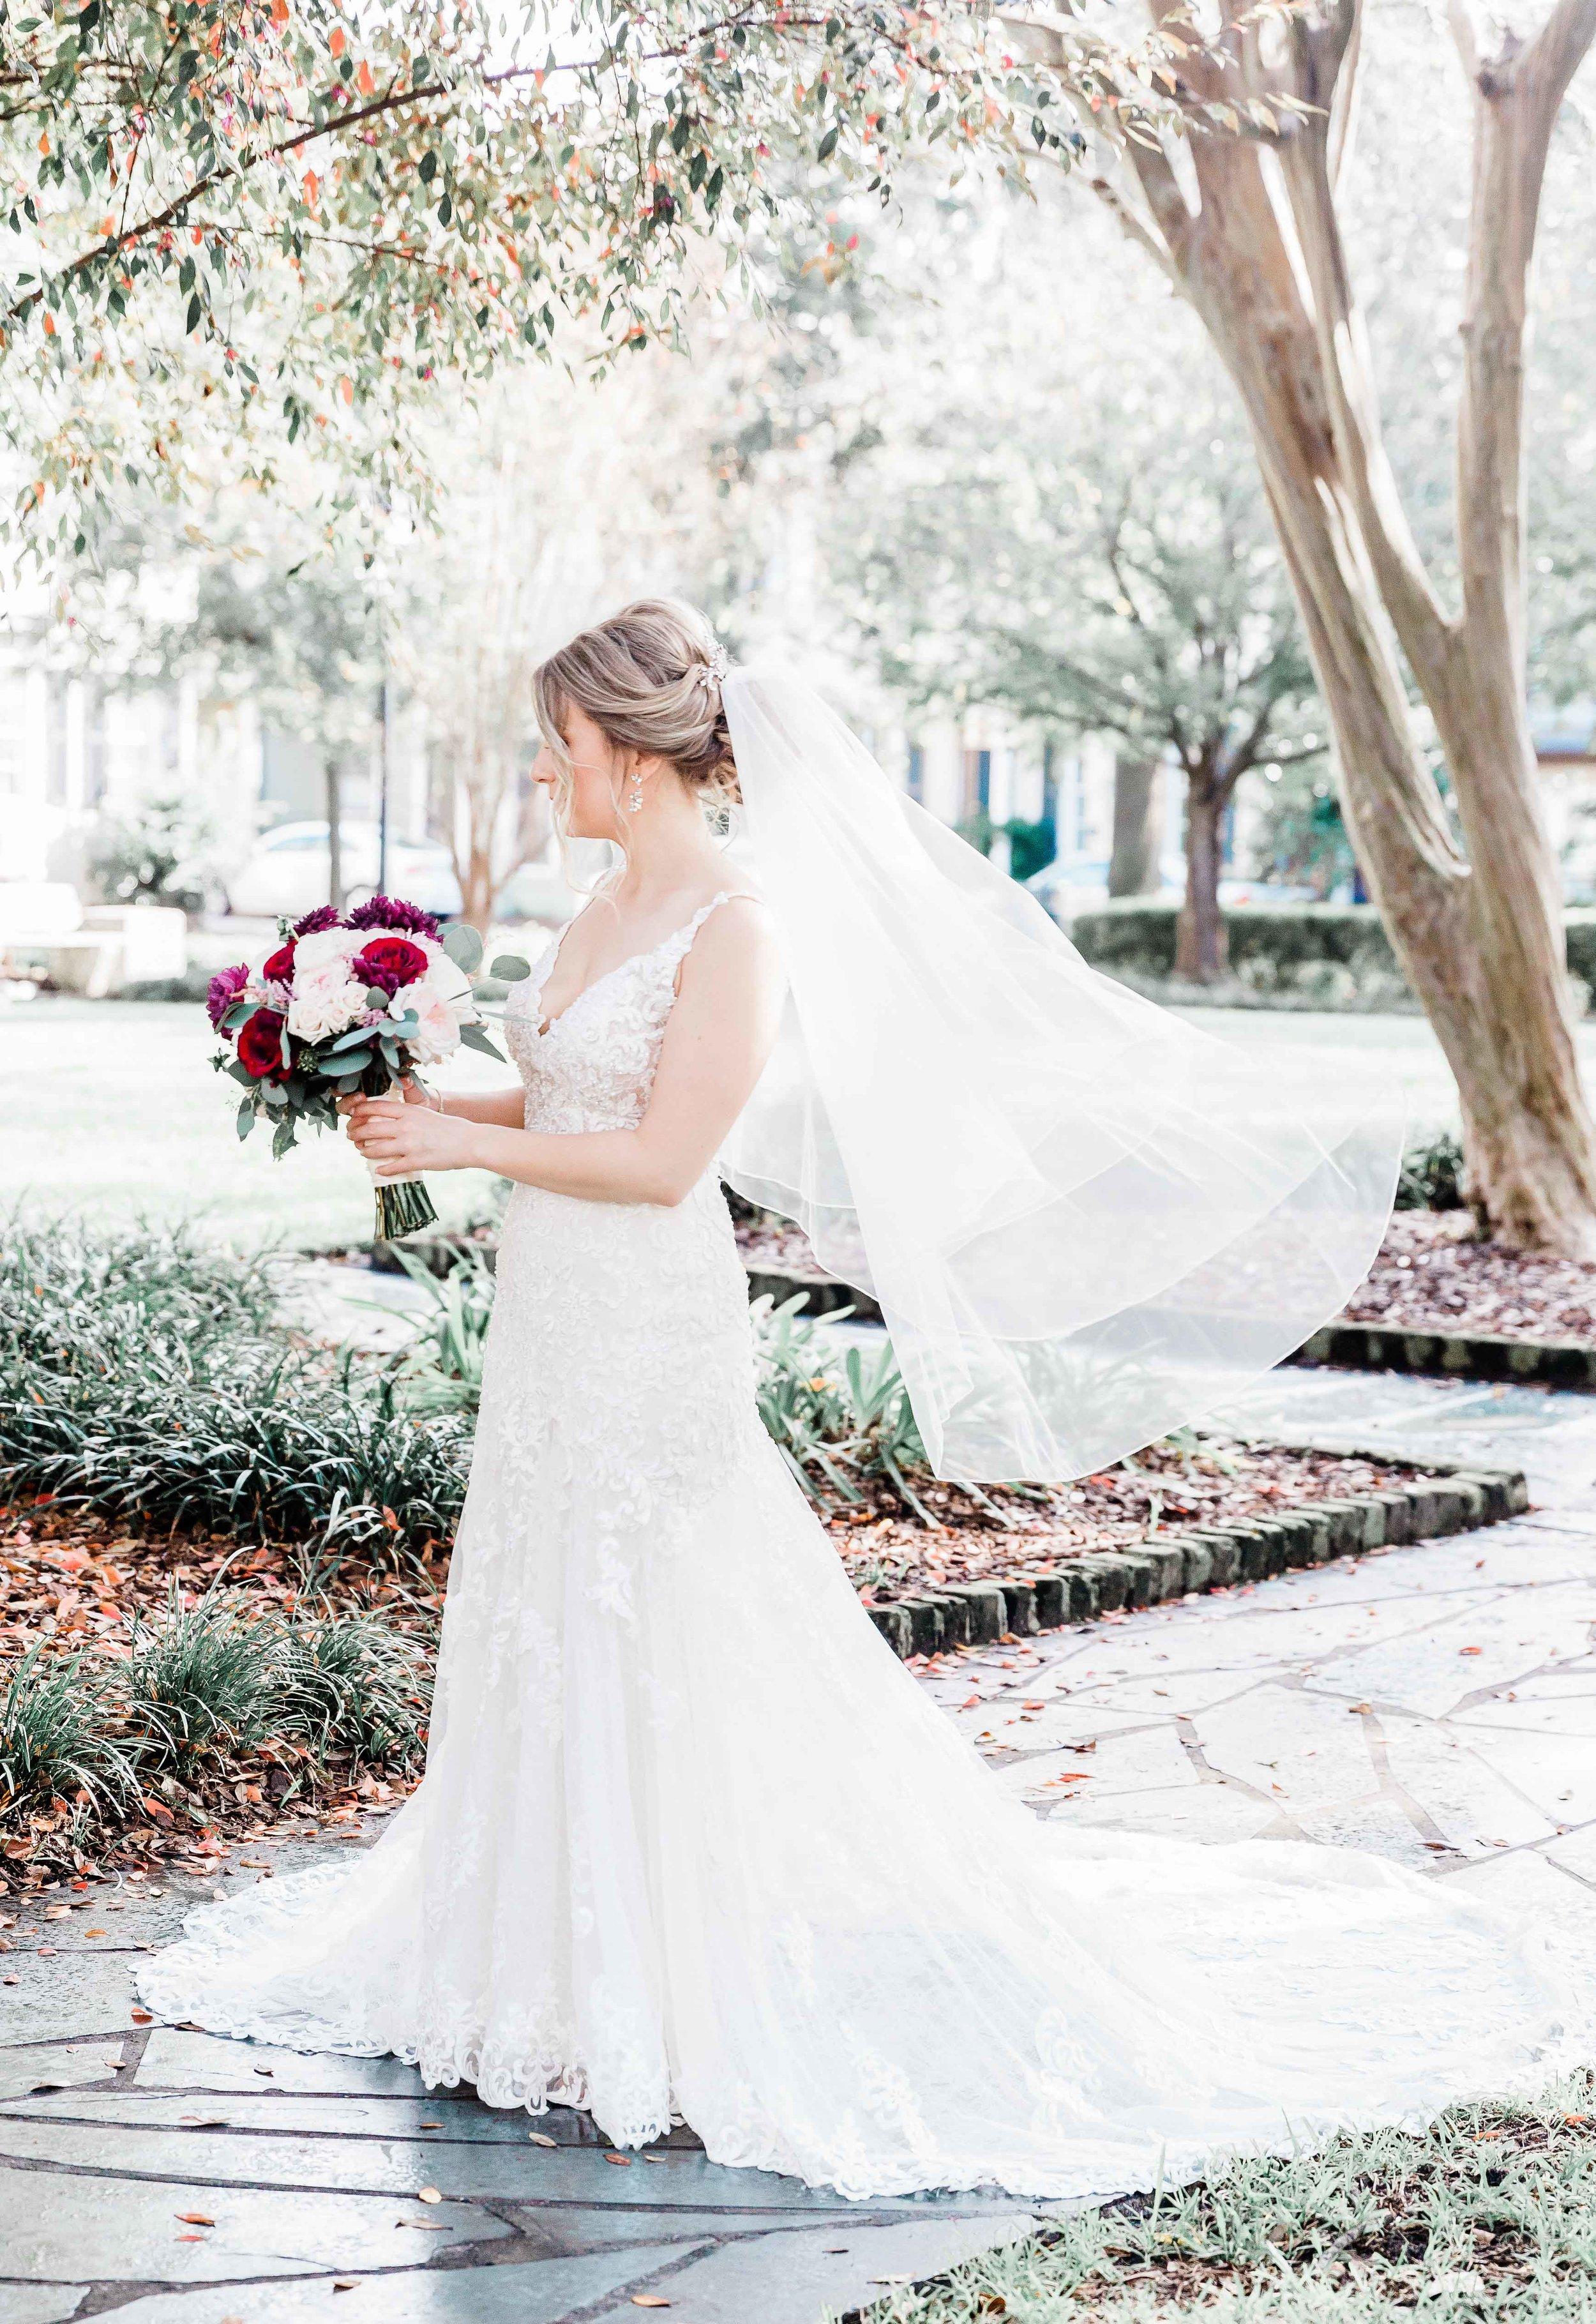 20181109Georgia-Savannah-savannah wedding photography12.jpg